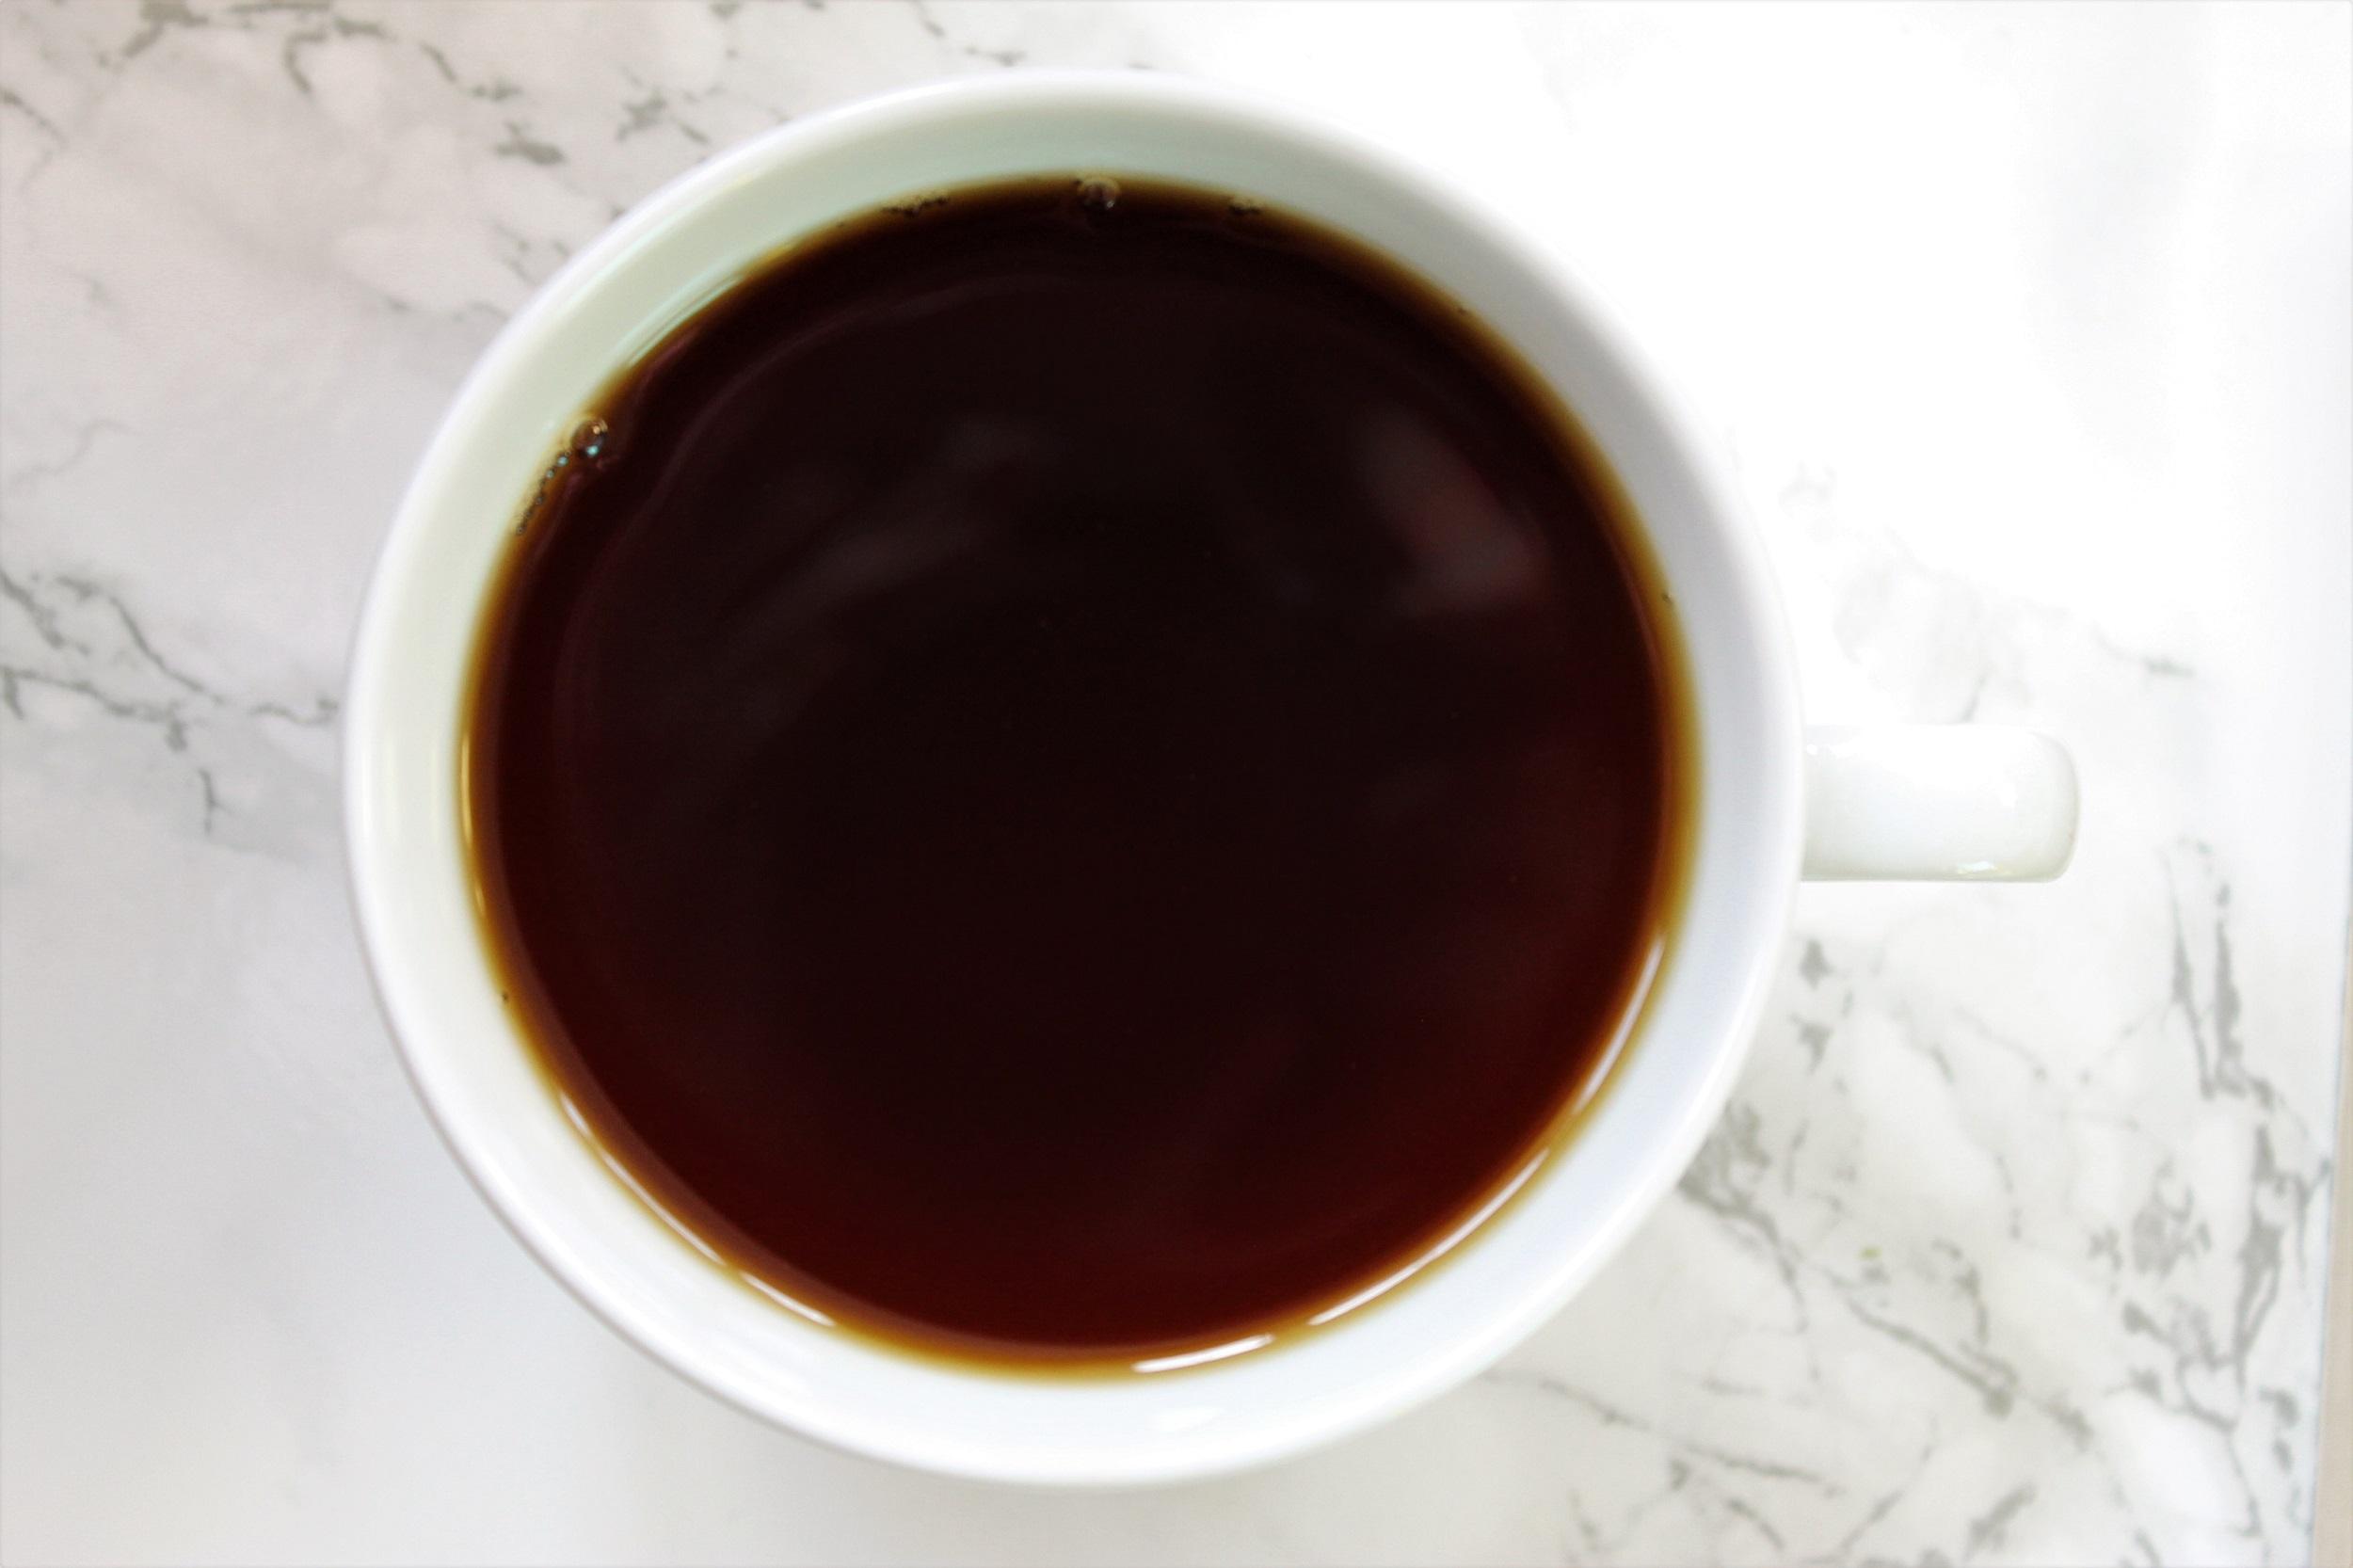 black brown tea in white teacup on marble